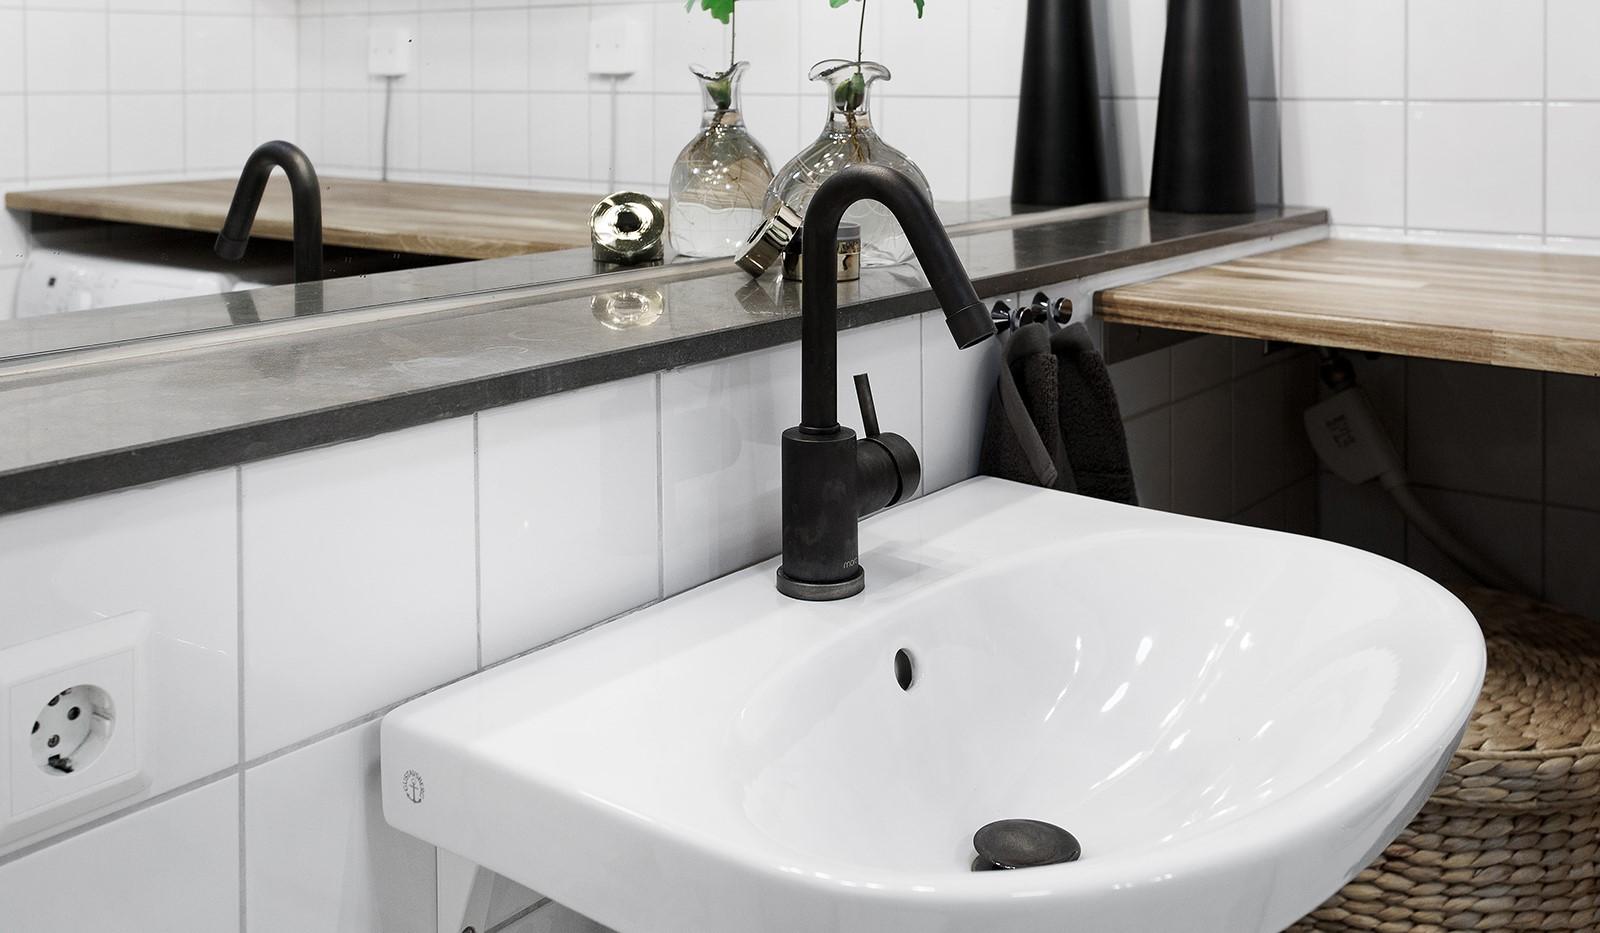 Korphoppsgatan 25, 2 tr Gårdshus! - Badrummet är uppdaterat med snygga materialval